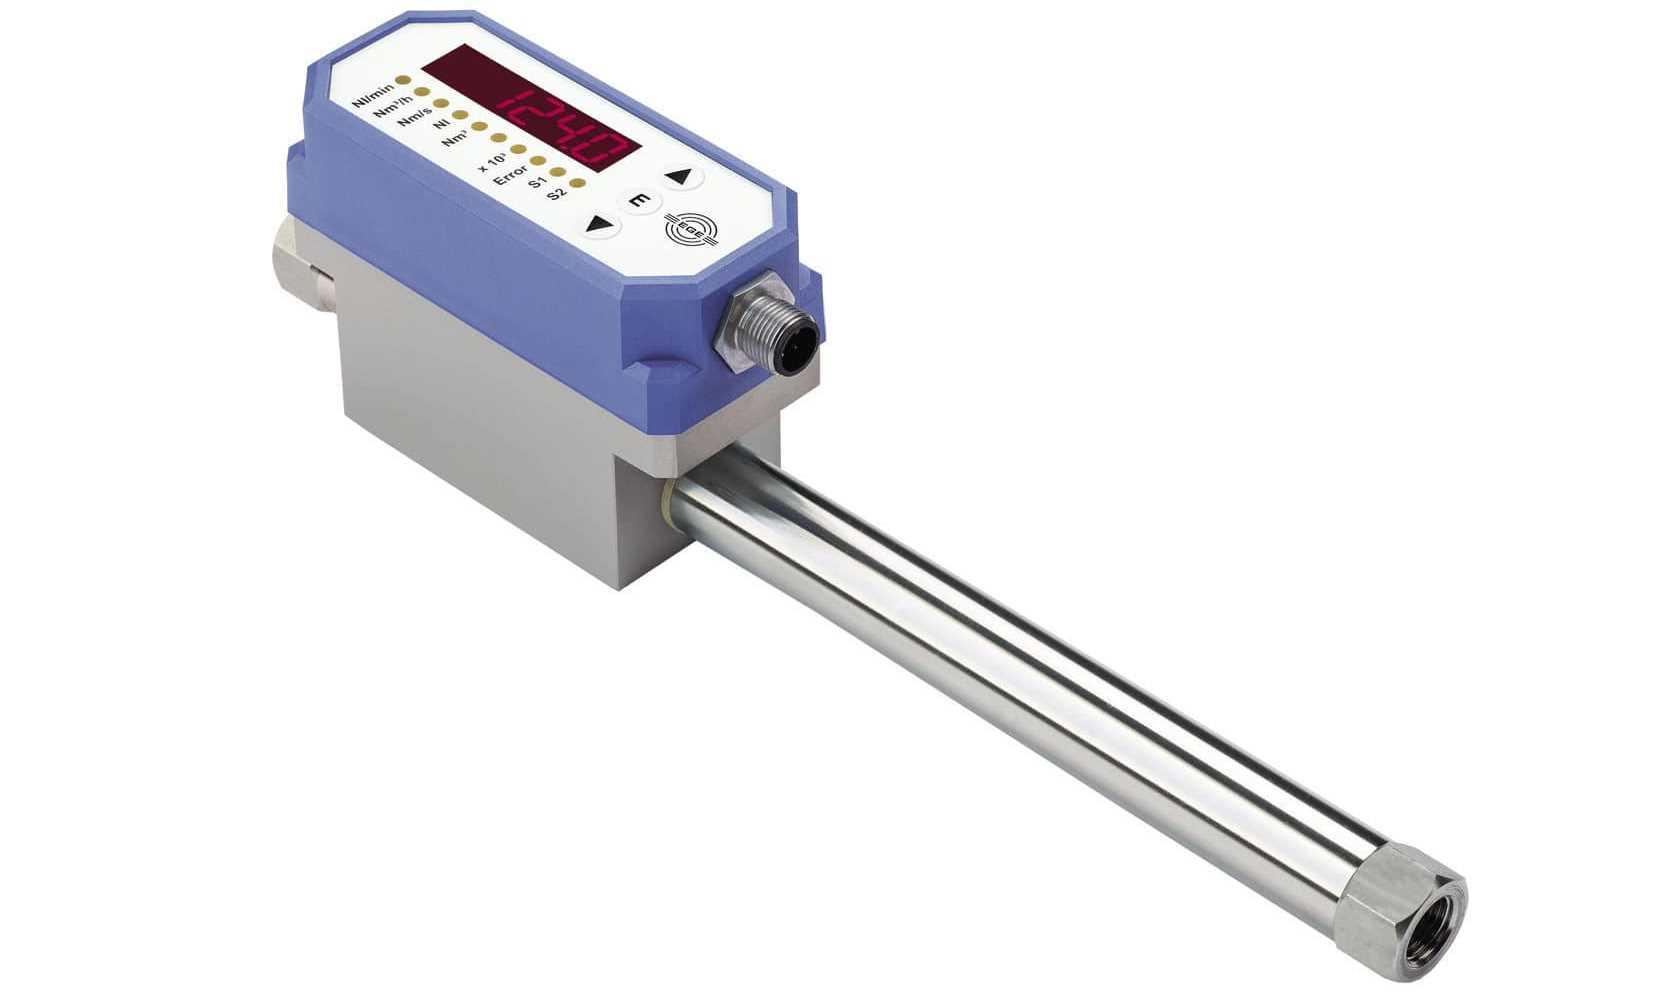 Измерительные приборы для сжатого воздуха серии LDN, LDV и LDS от EGE